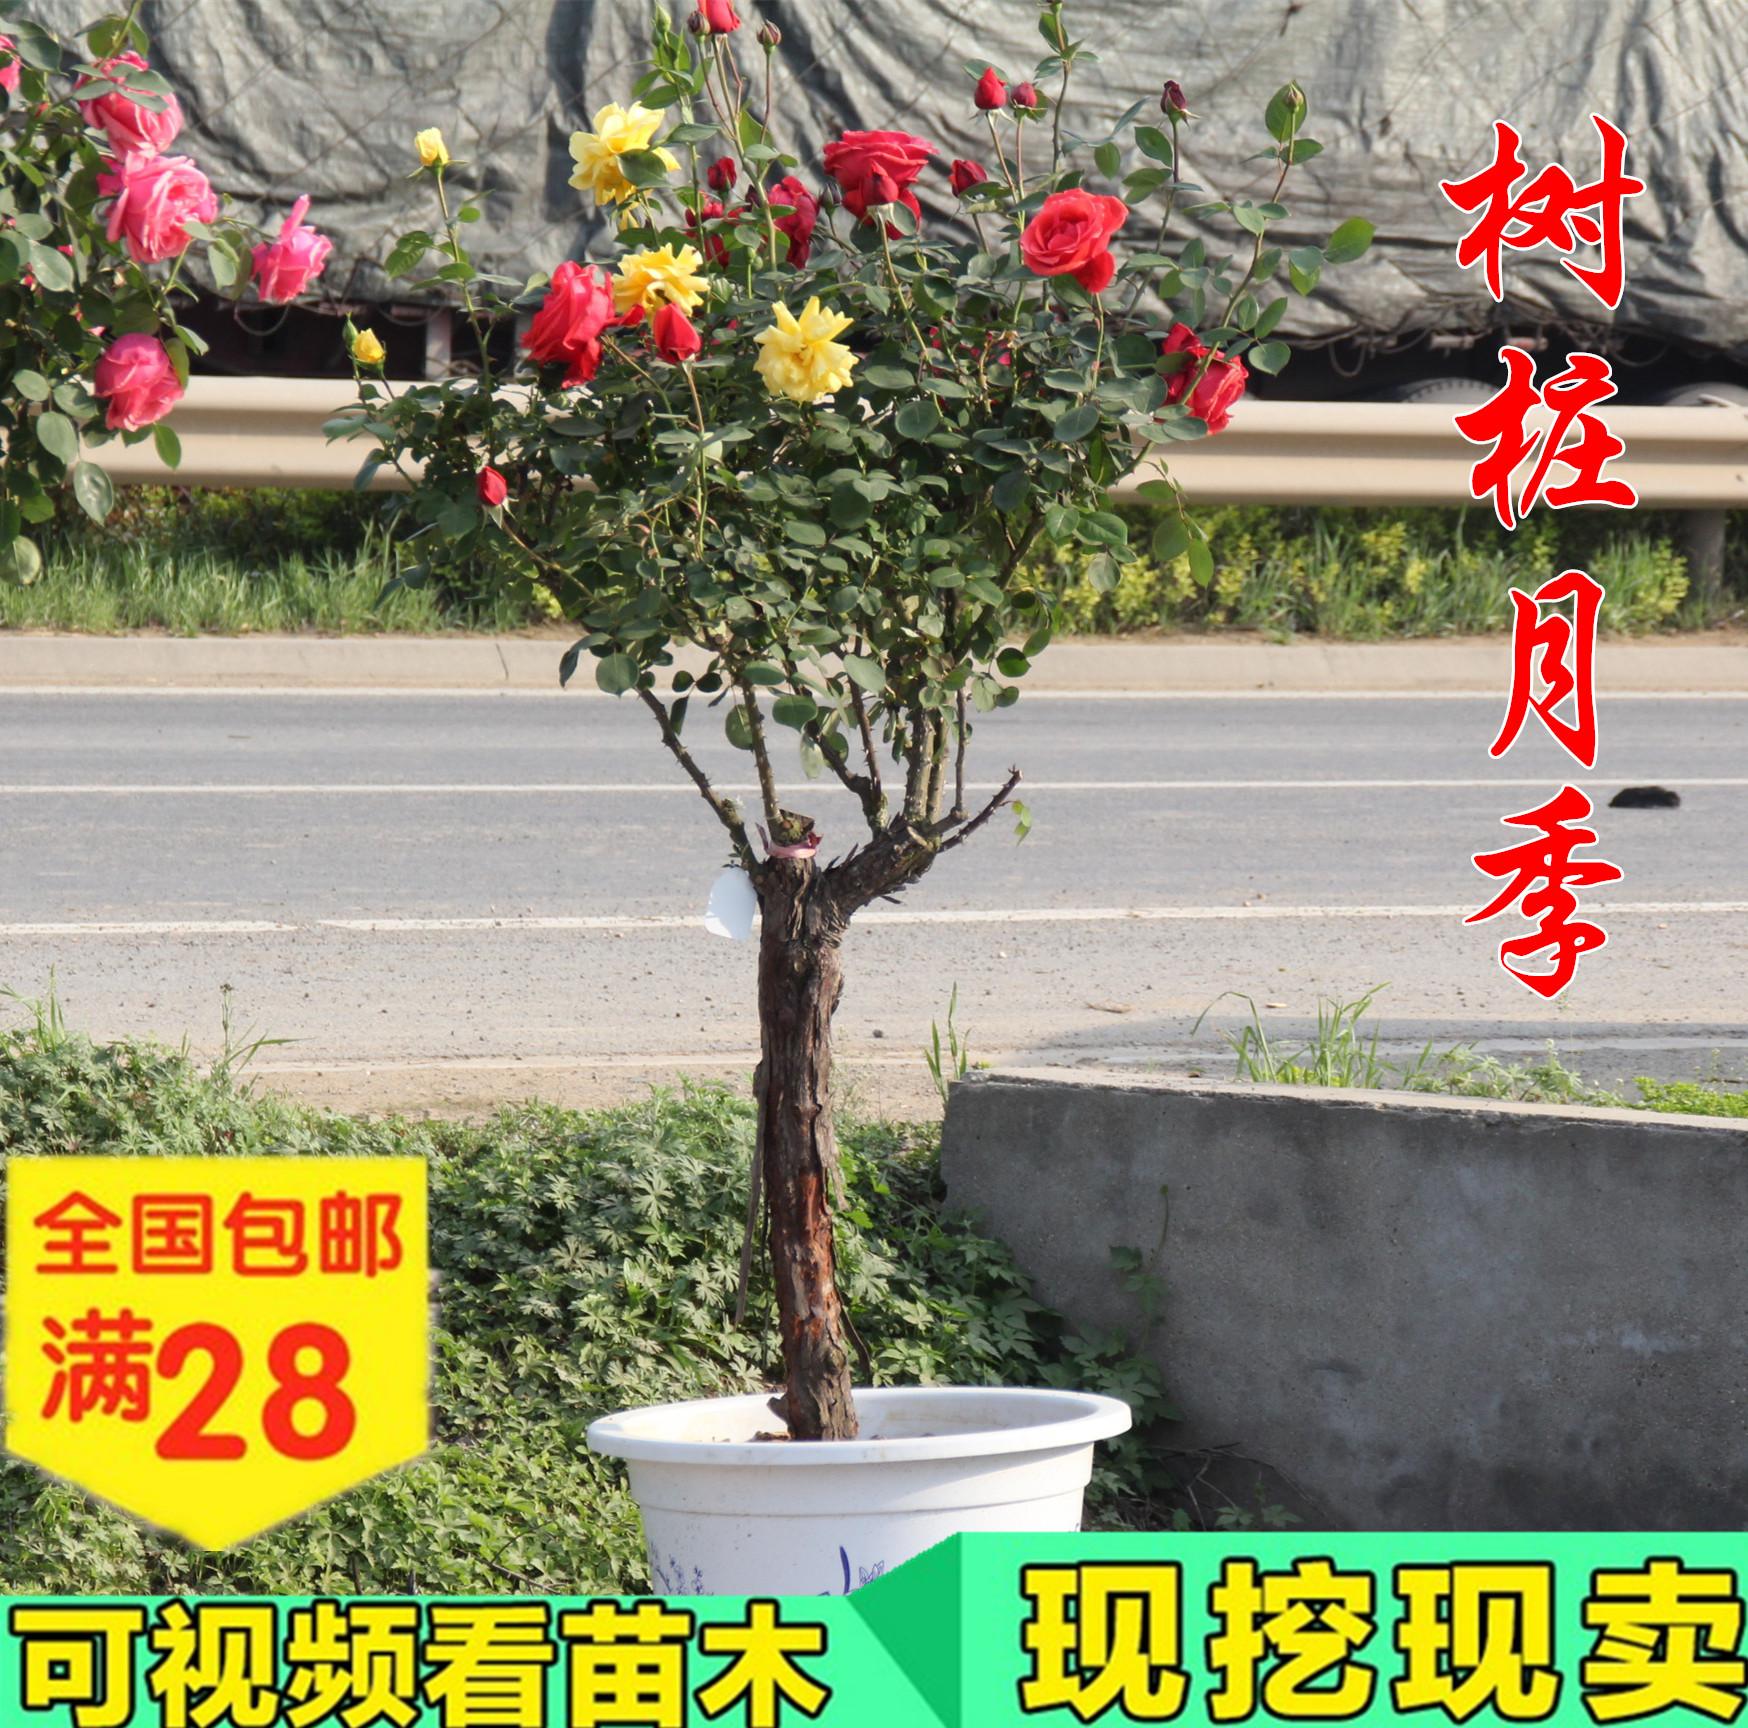 Купить рассаду цветов в интернет магазине недорого с доставкой